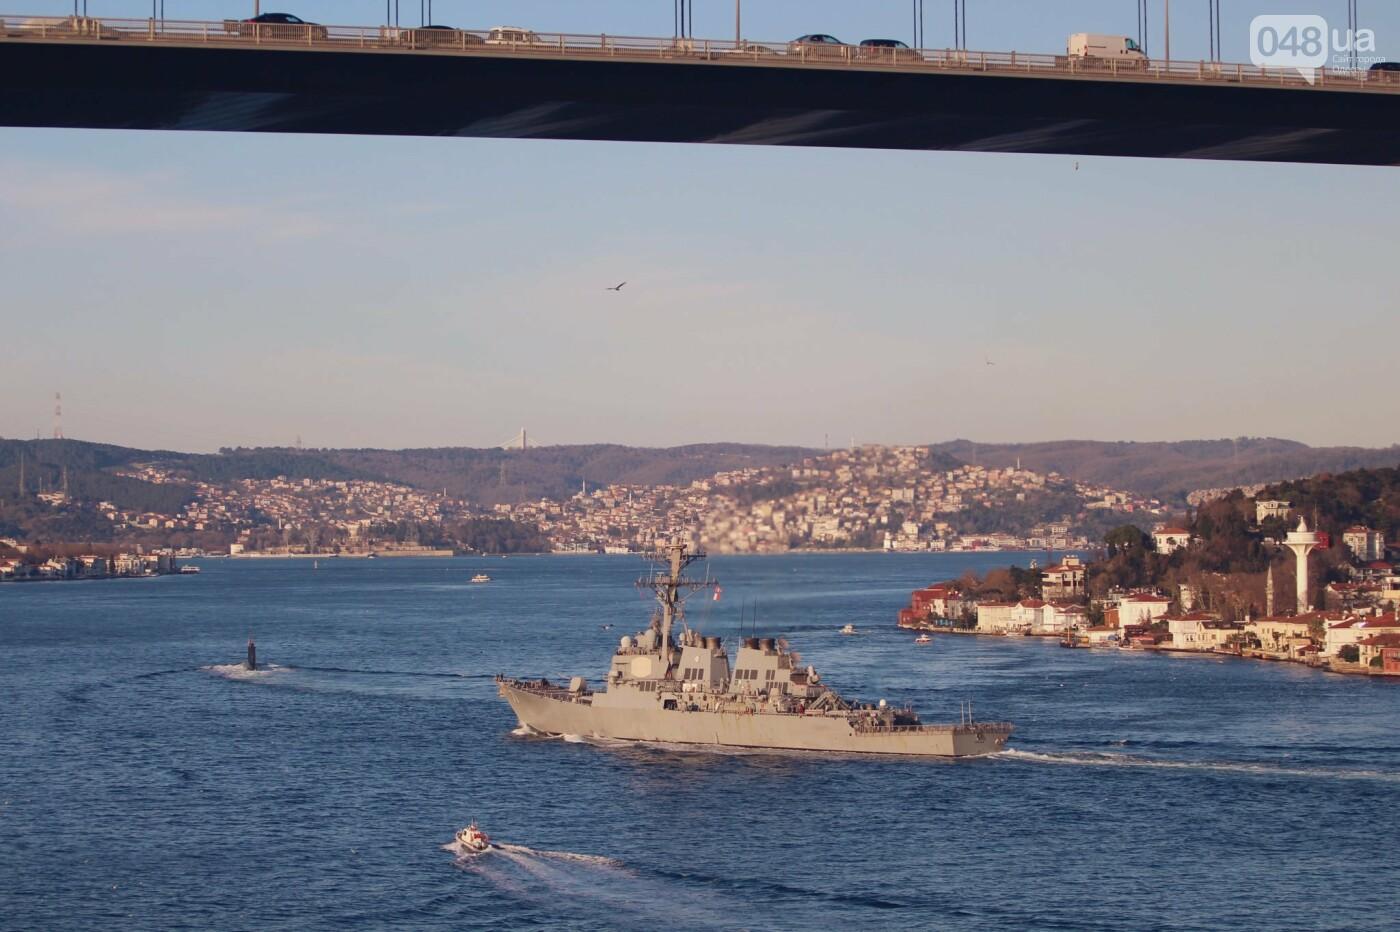 Ракетный эсминец USS Ross проходит Босфор, Yörük Işık